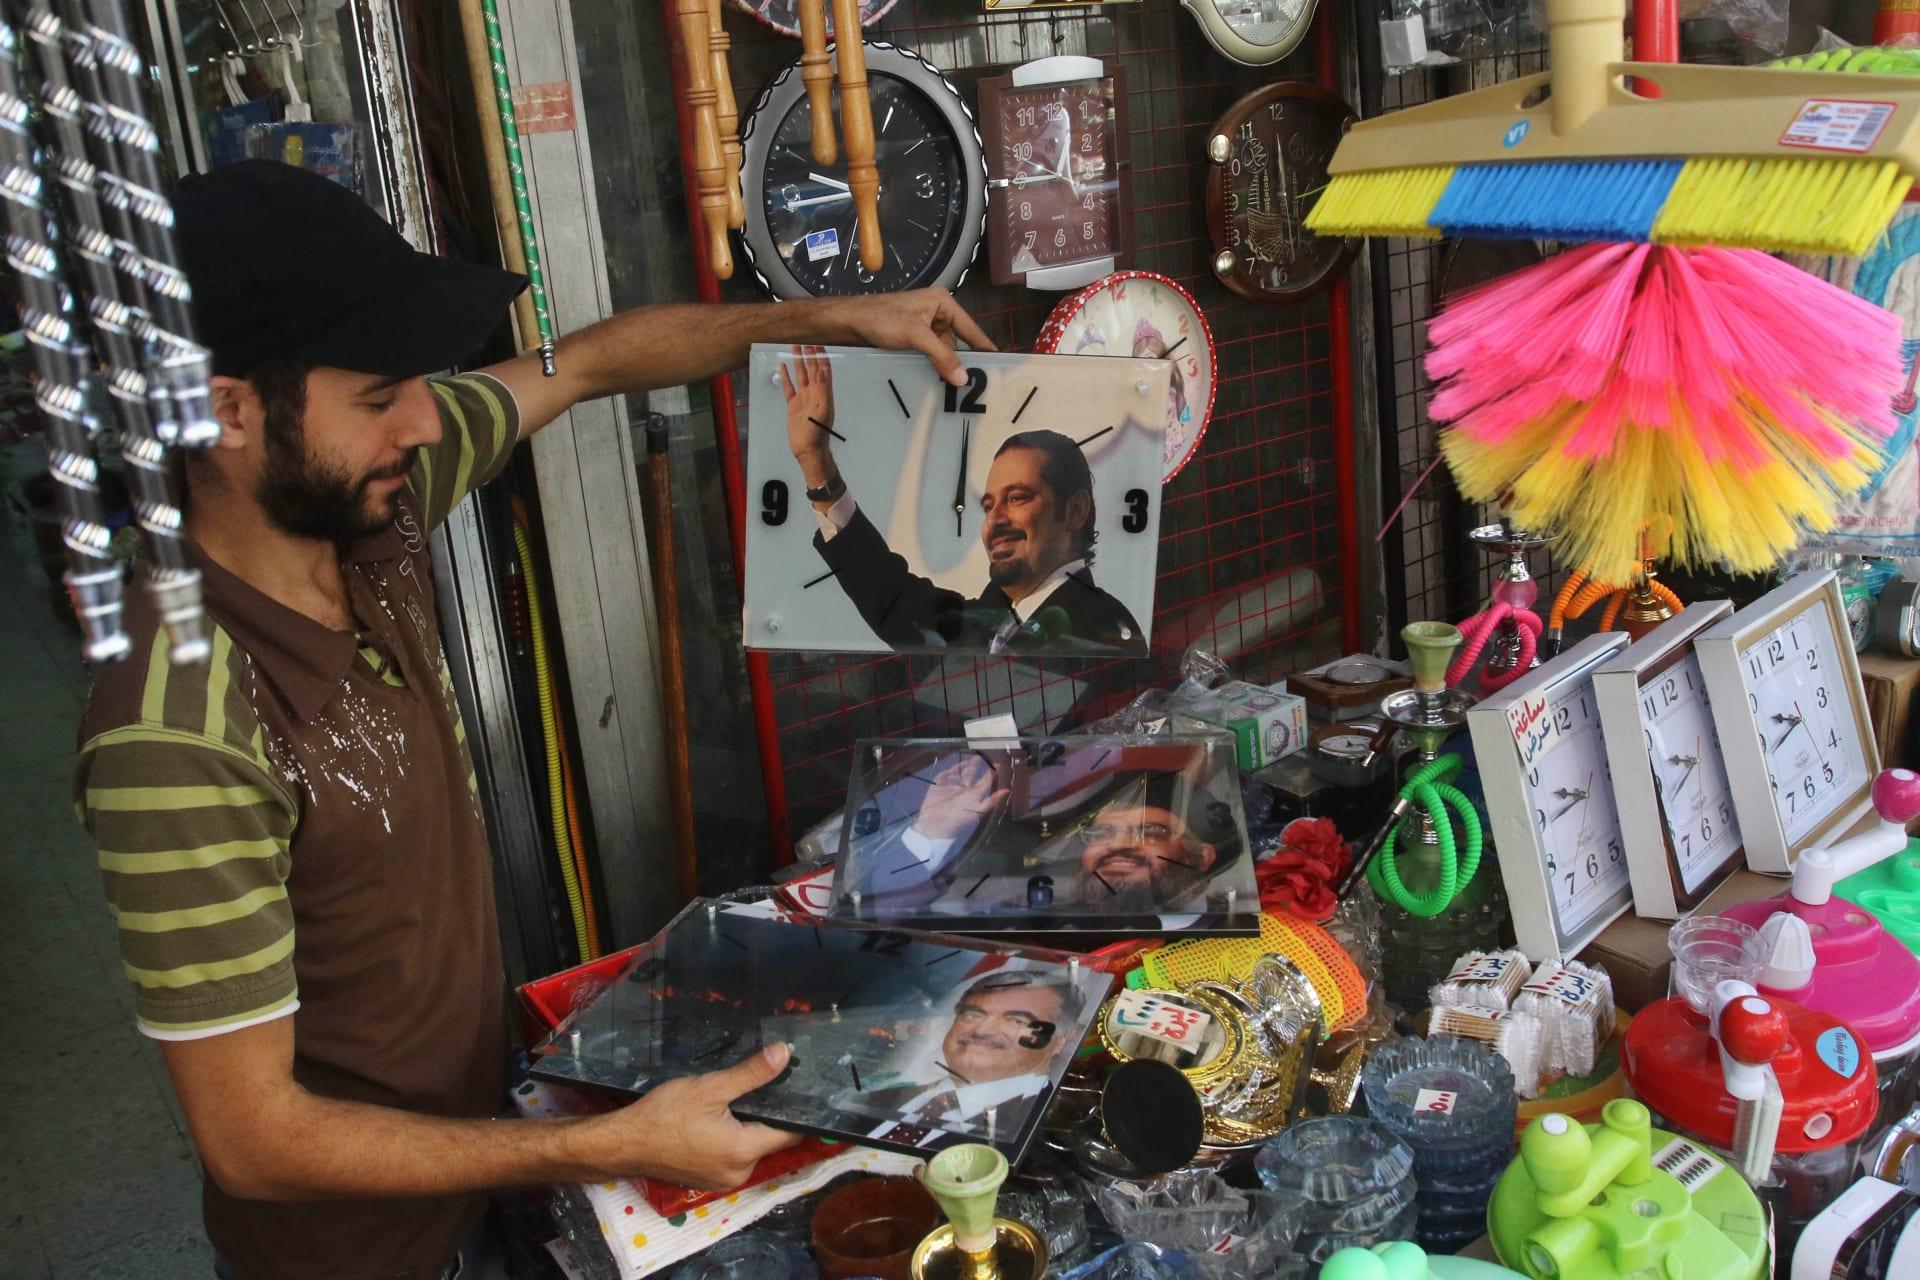 جيري ماهر يكتب: الدولة هي حل لبنان.. وإلا فطبول الحرب ستقرع!